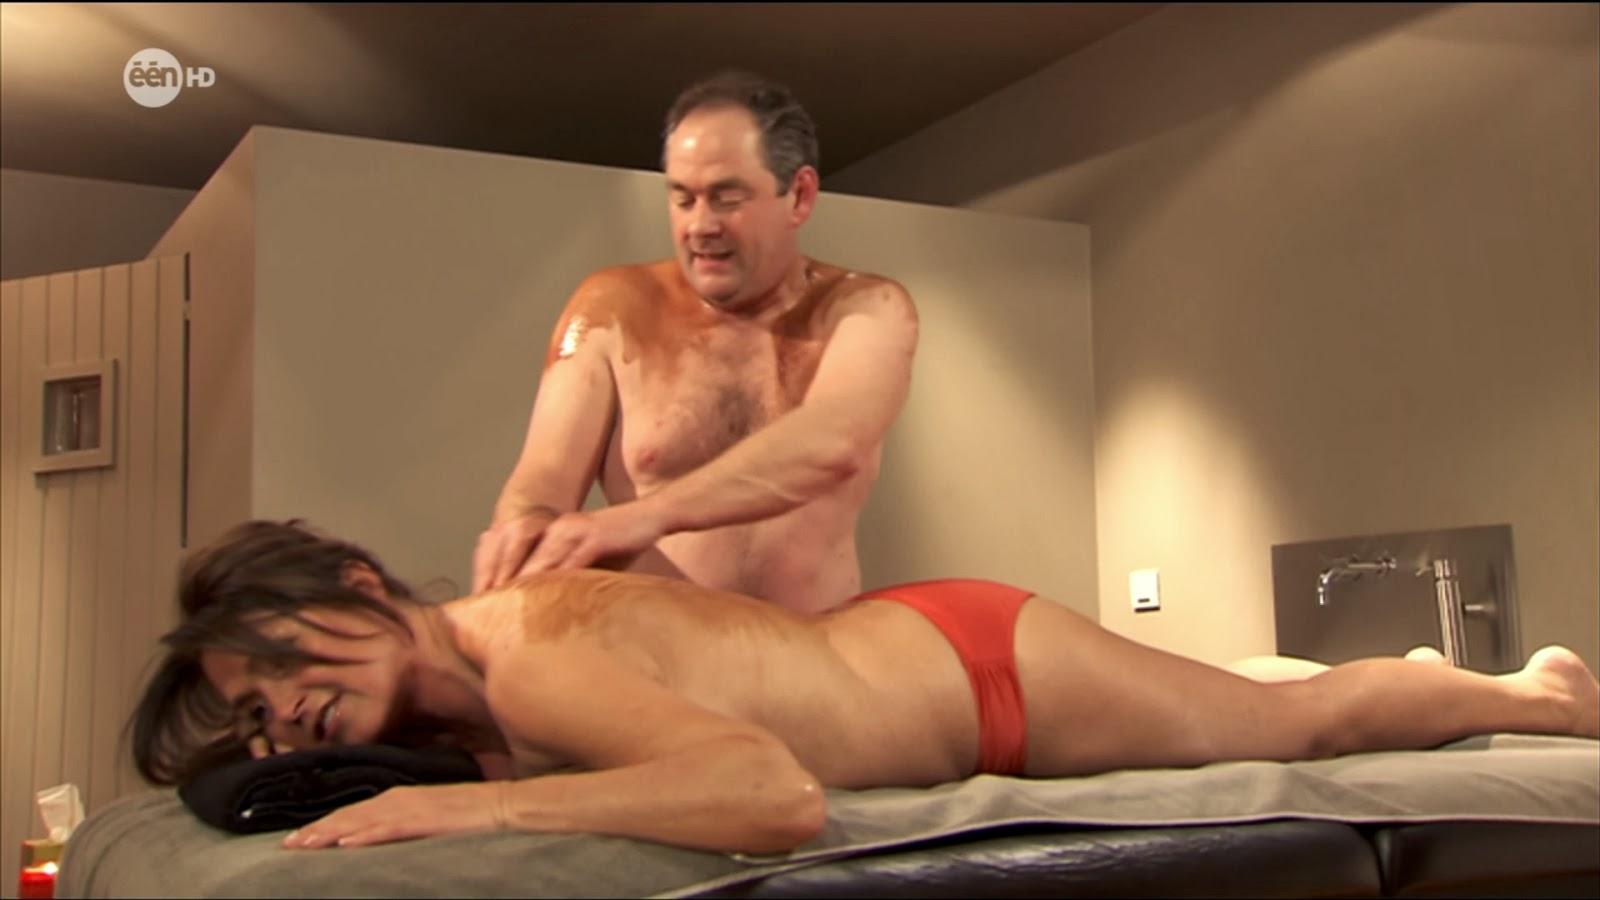 geile video chat erotische massage veldhoven